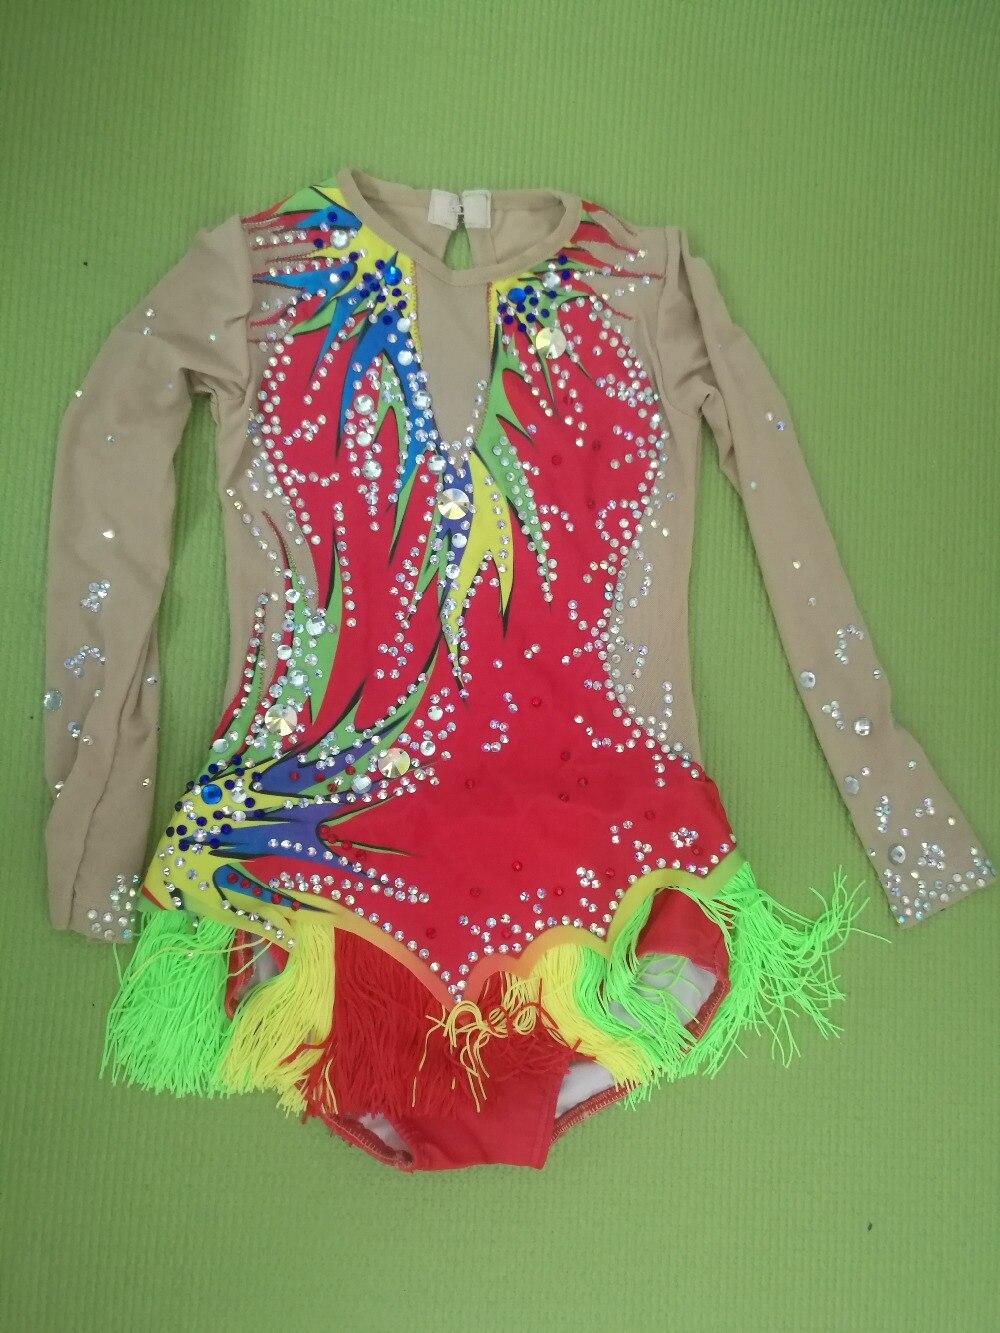 מקצועי ילדים/מבוגרים מעודדת אחיד ילד/ילדה התעמלות אמנותית תחרות בגד גוף אחיד מותאם אישית גודל